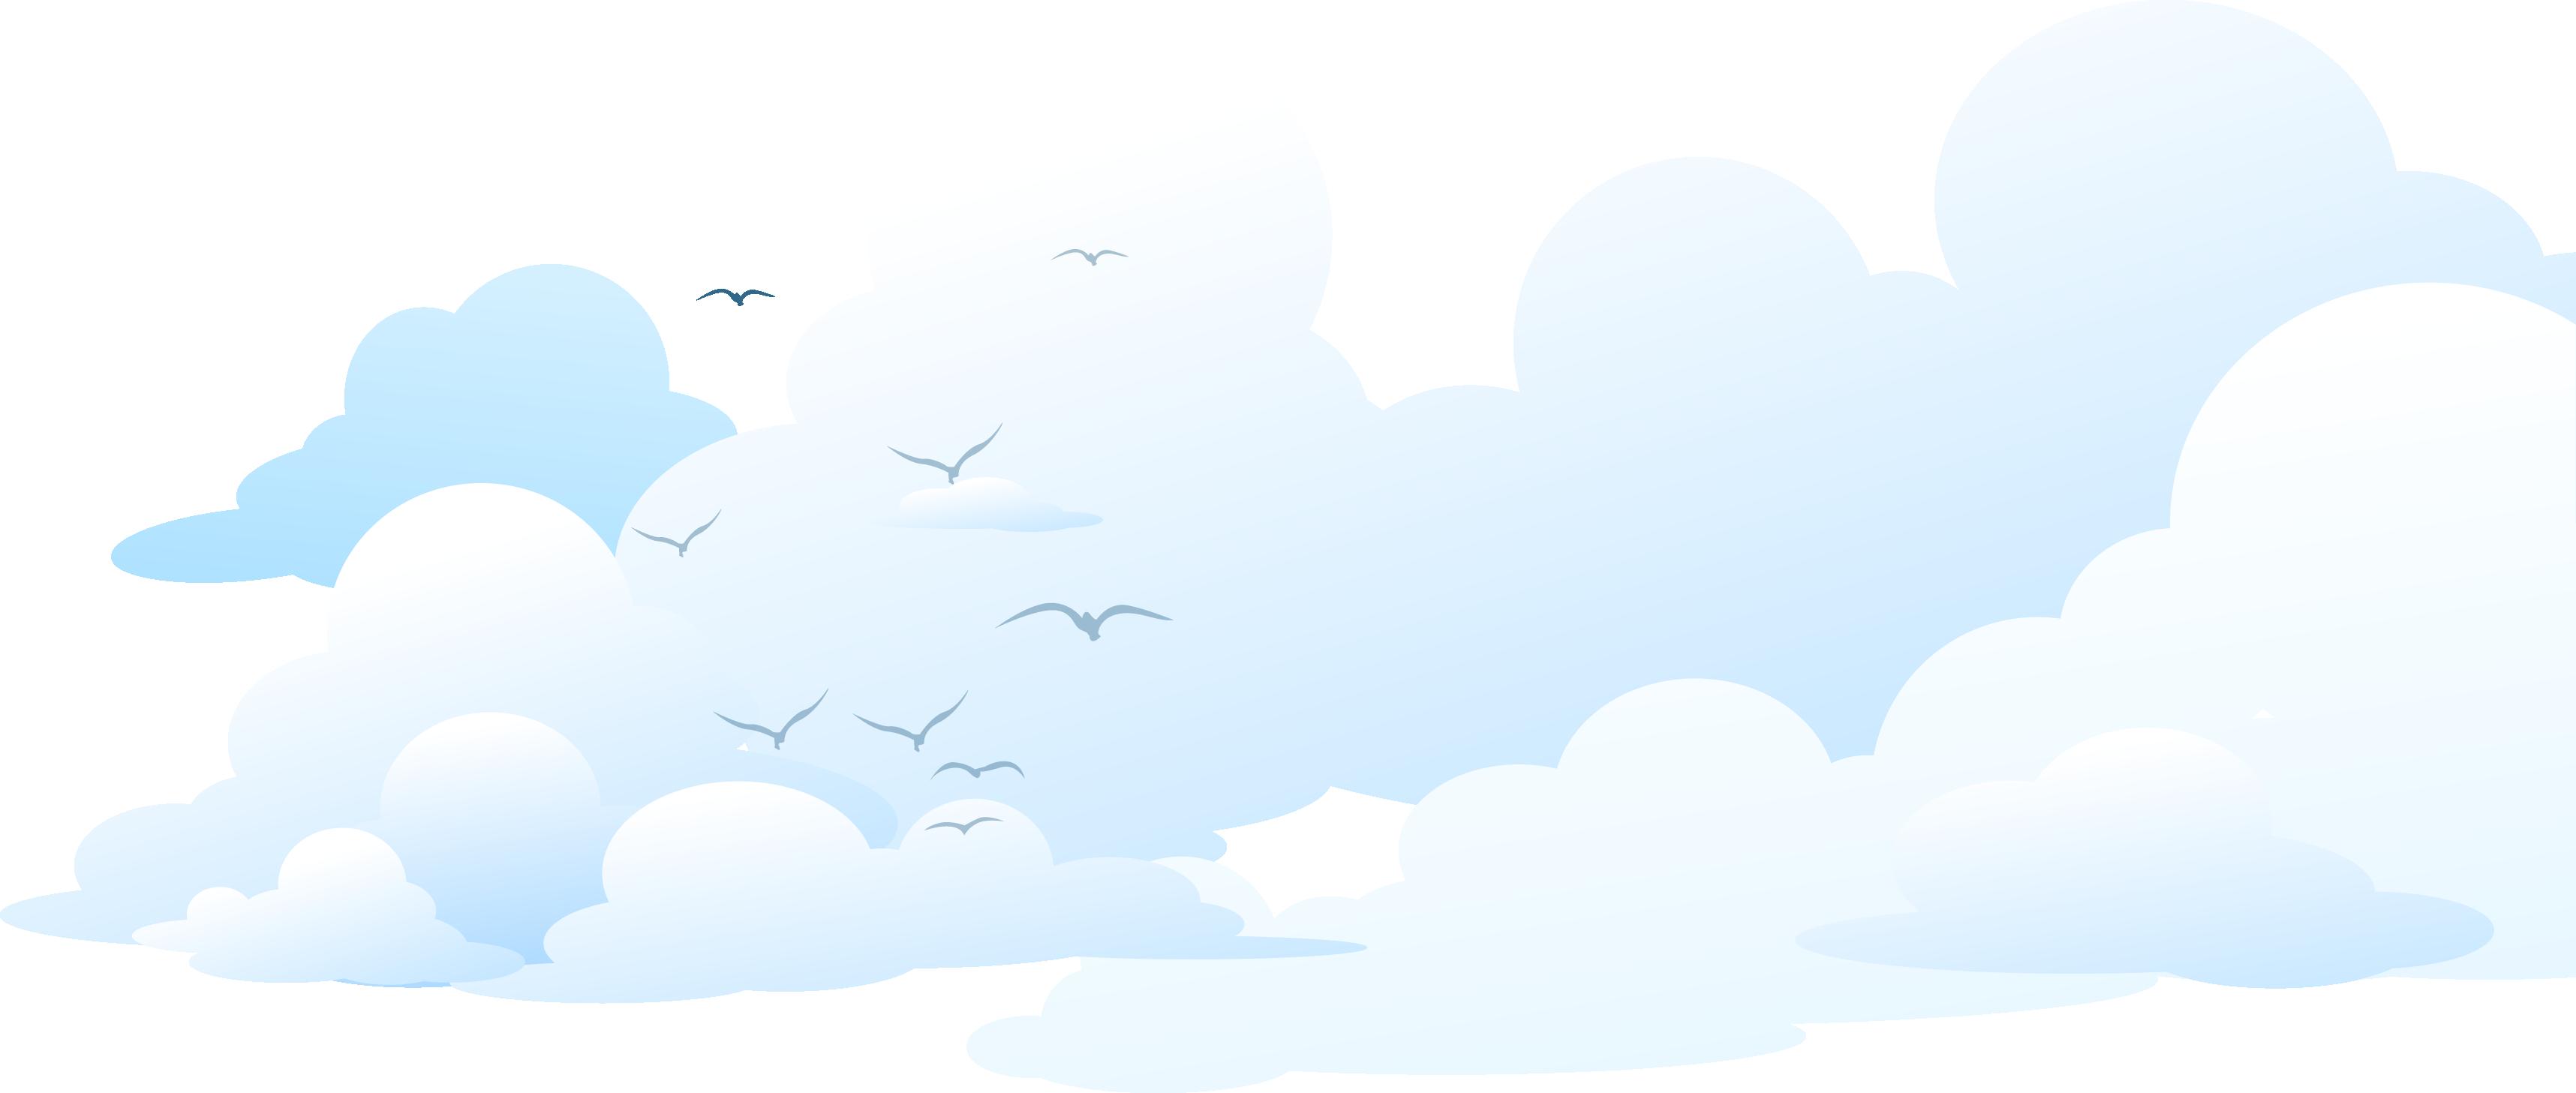 Brand sky blue seagull. Clouds clipart cumulus cloud